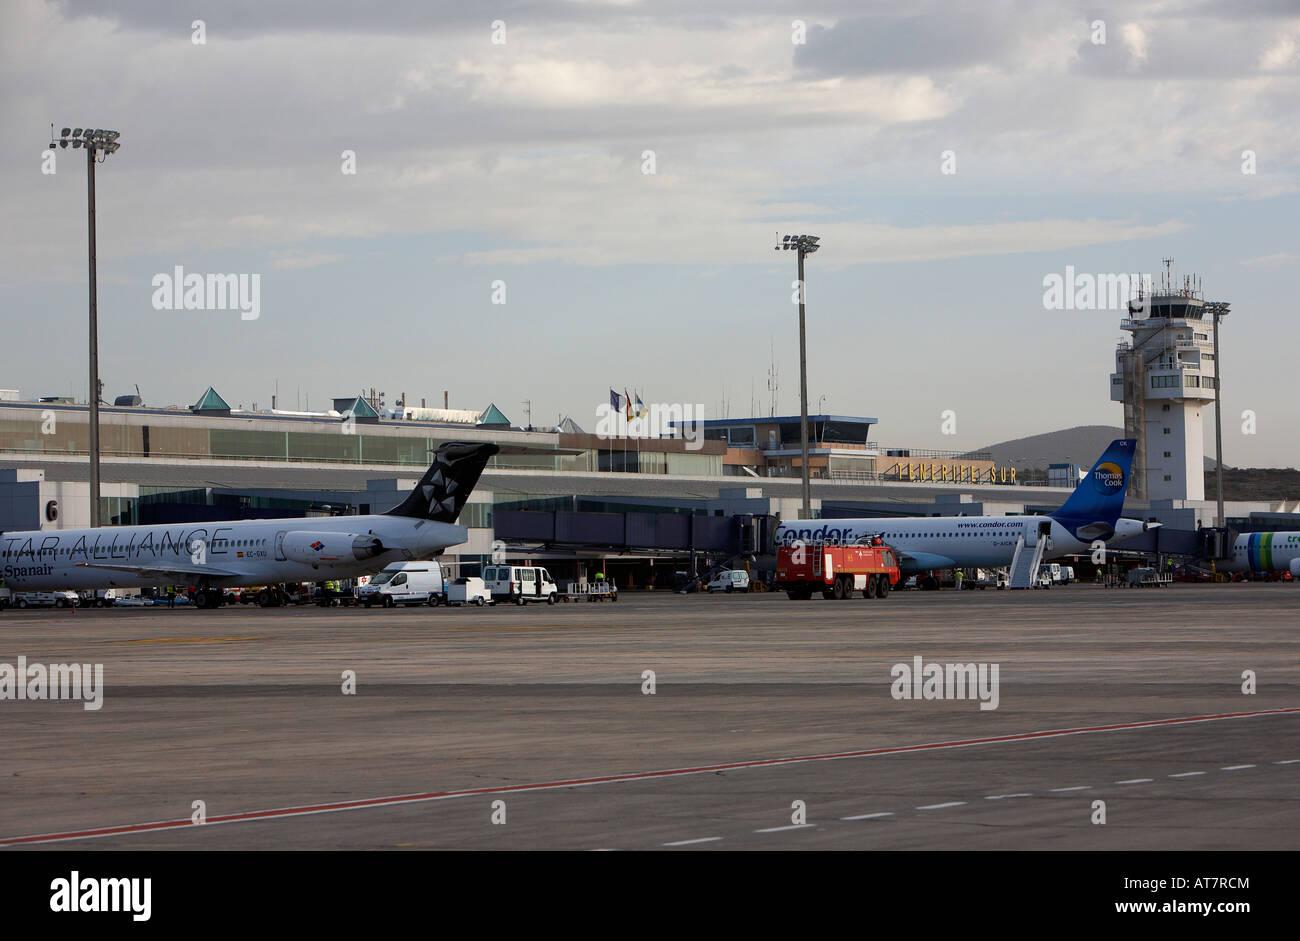 Aeroporto Tenerife Sud : Aeropuerto tenerife sur stock photos & aeropuerto tenerife sur stock